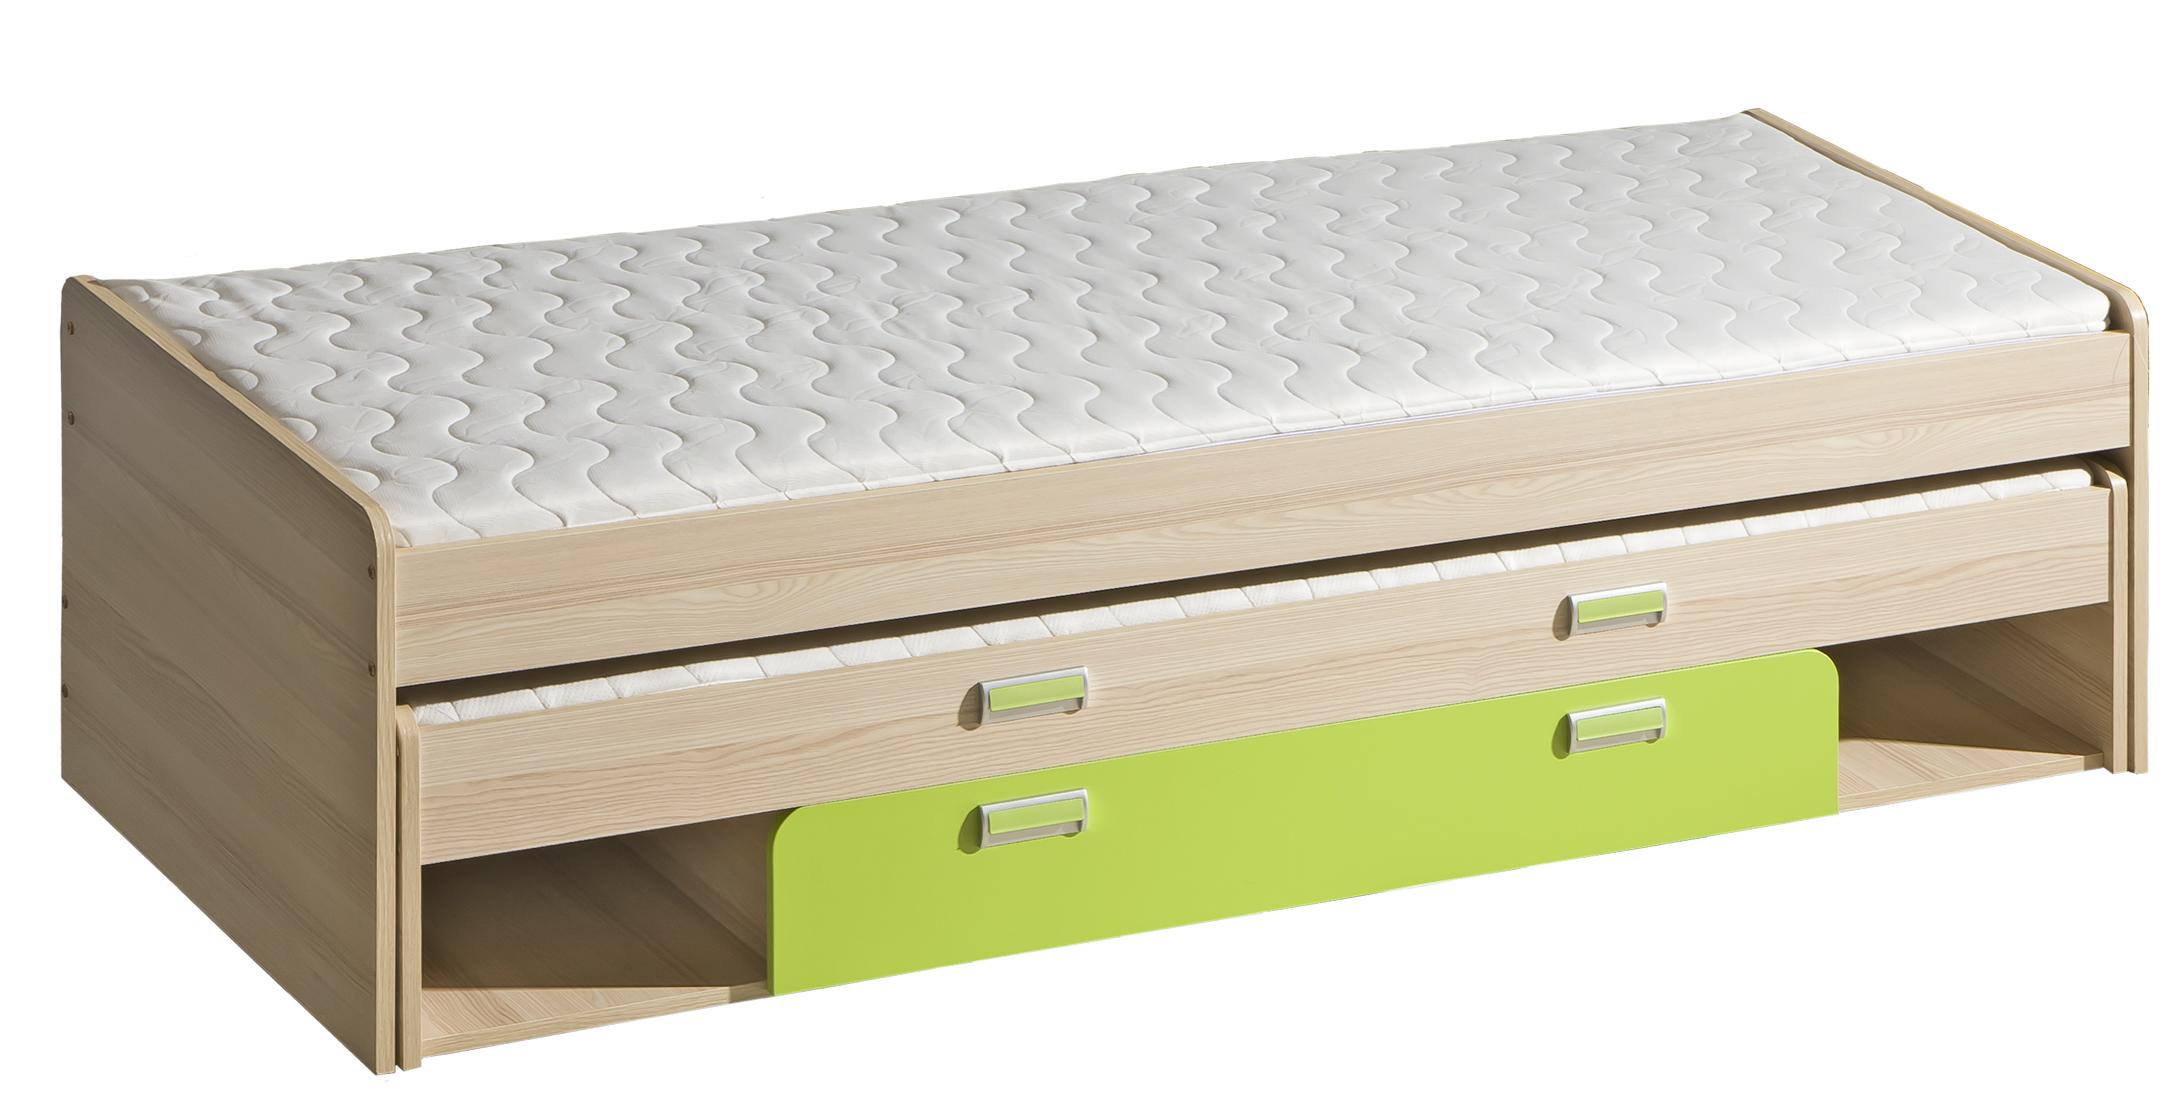 Dolmar Detská posteľ Lorento L16 Farba: Jaseň coimbra / zelená